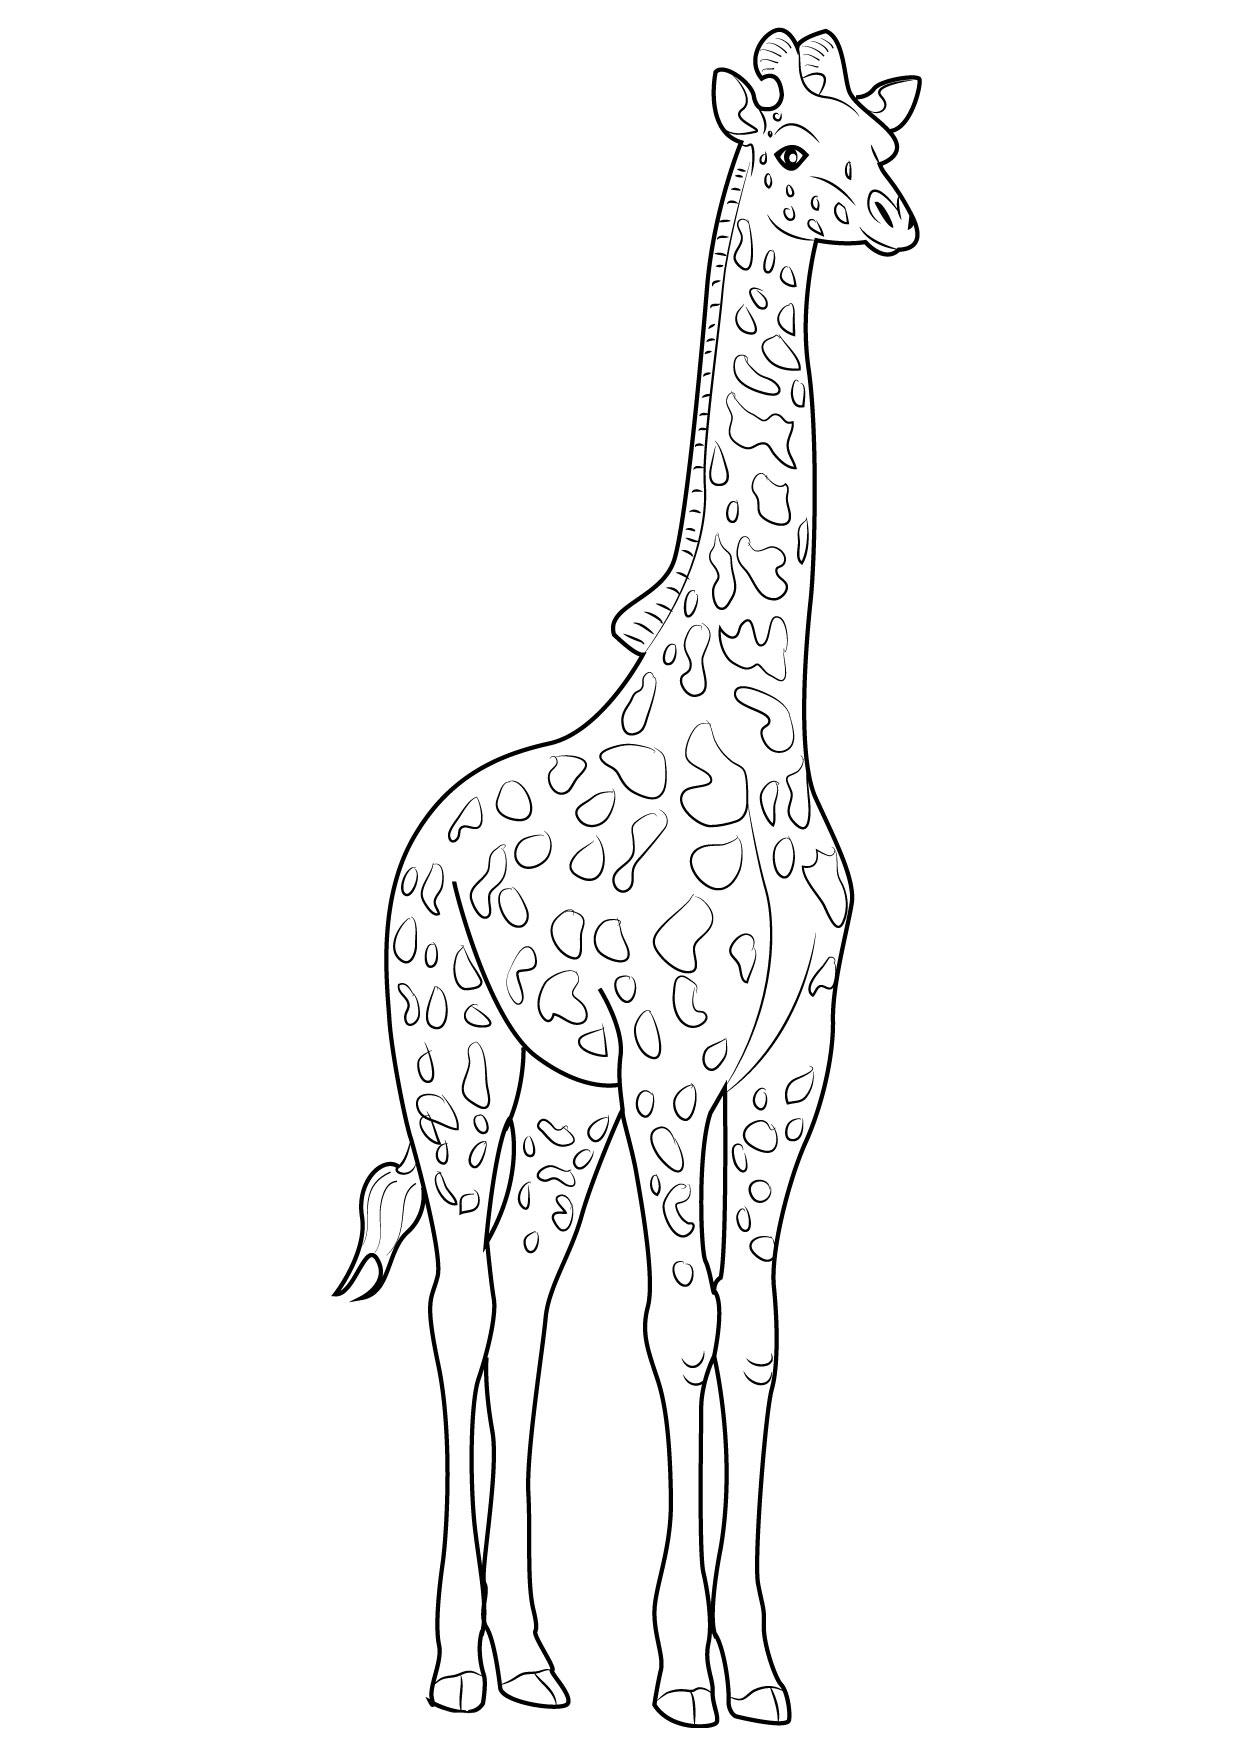 30 Disegni Di Giraffe Da Colorare Pianetabambiniit